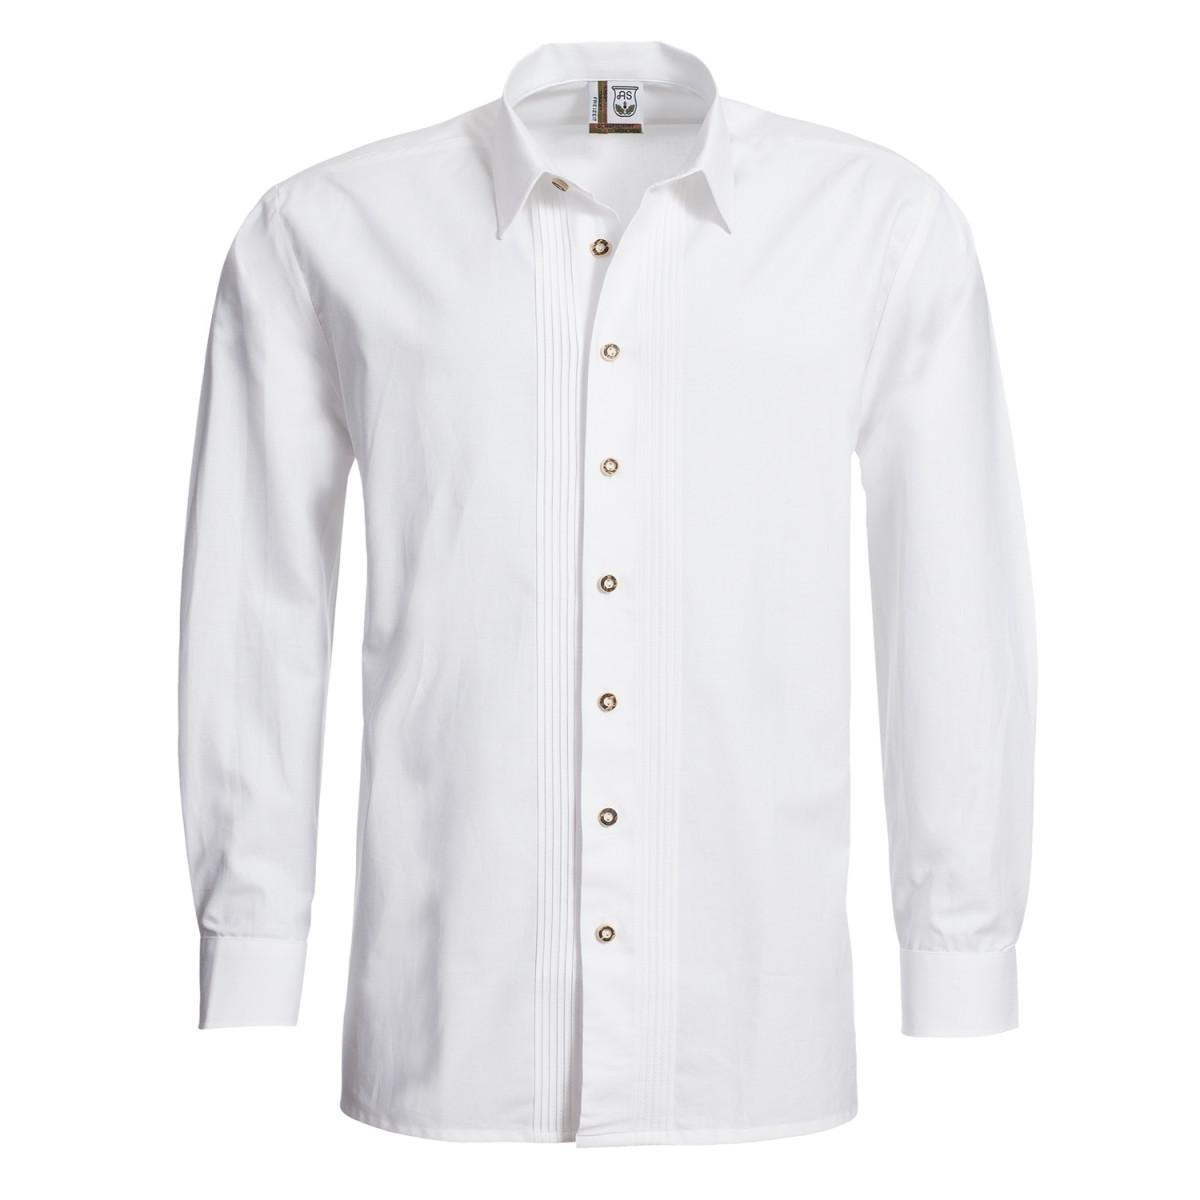 Trachtenhemd Regular Fit mit Biesen in Weiß von Schweighart